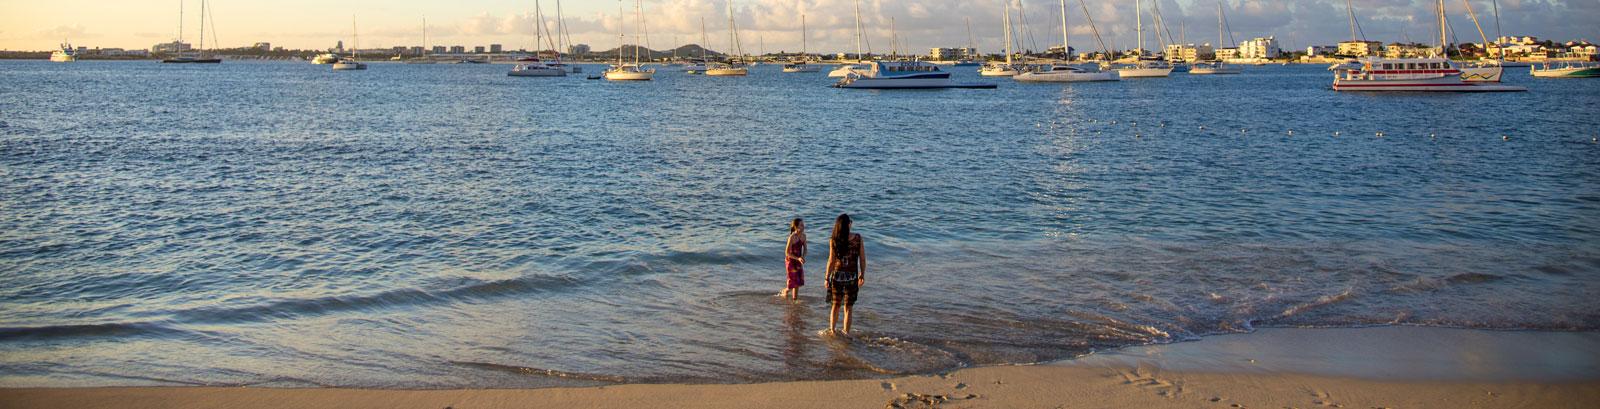 St. Maarten Activities, Simpson Bay Resort, Marina & Spa